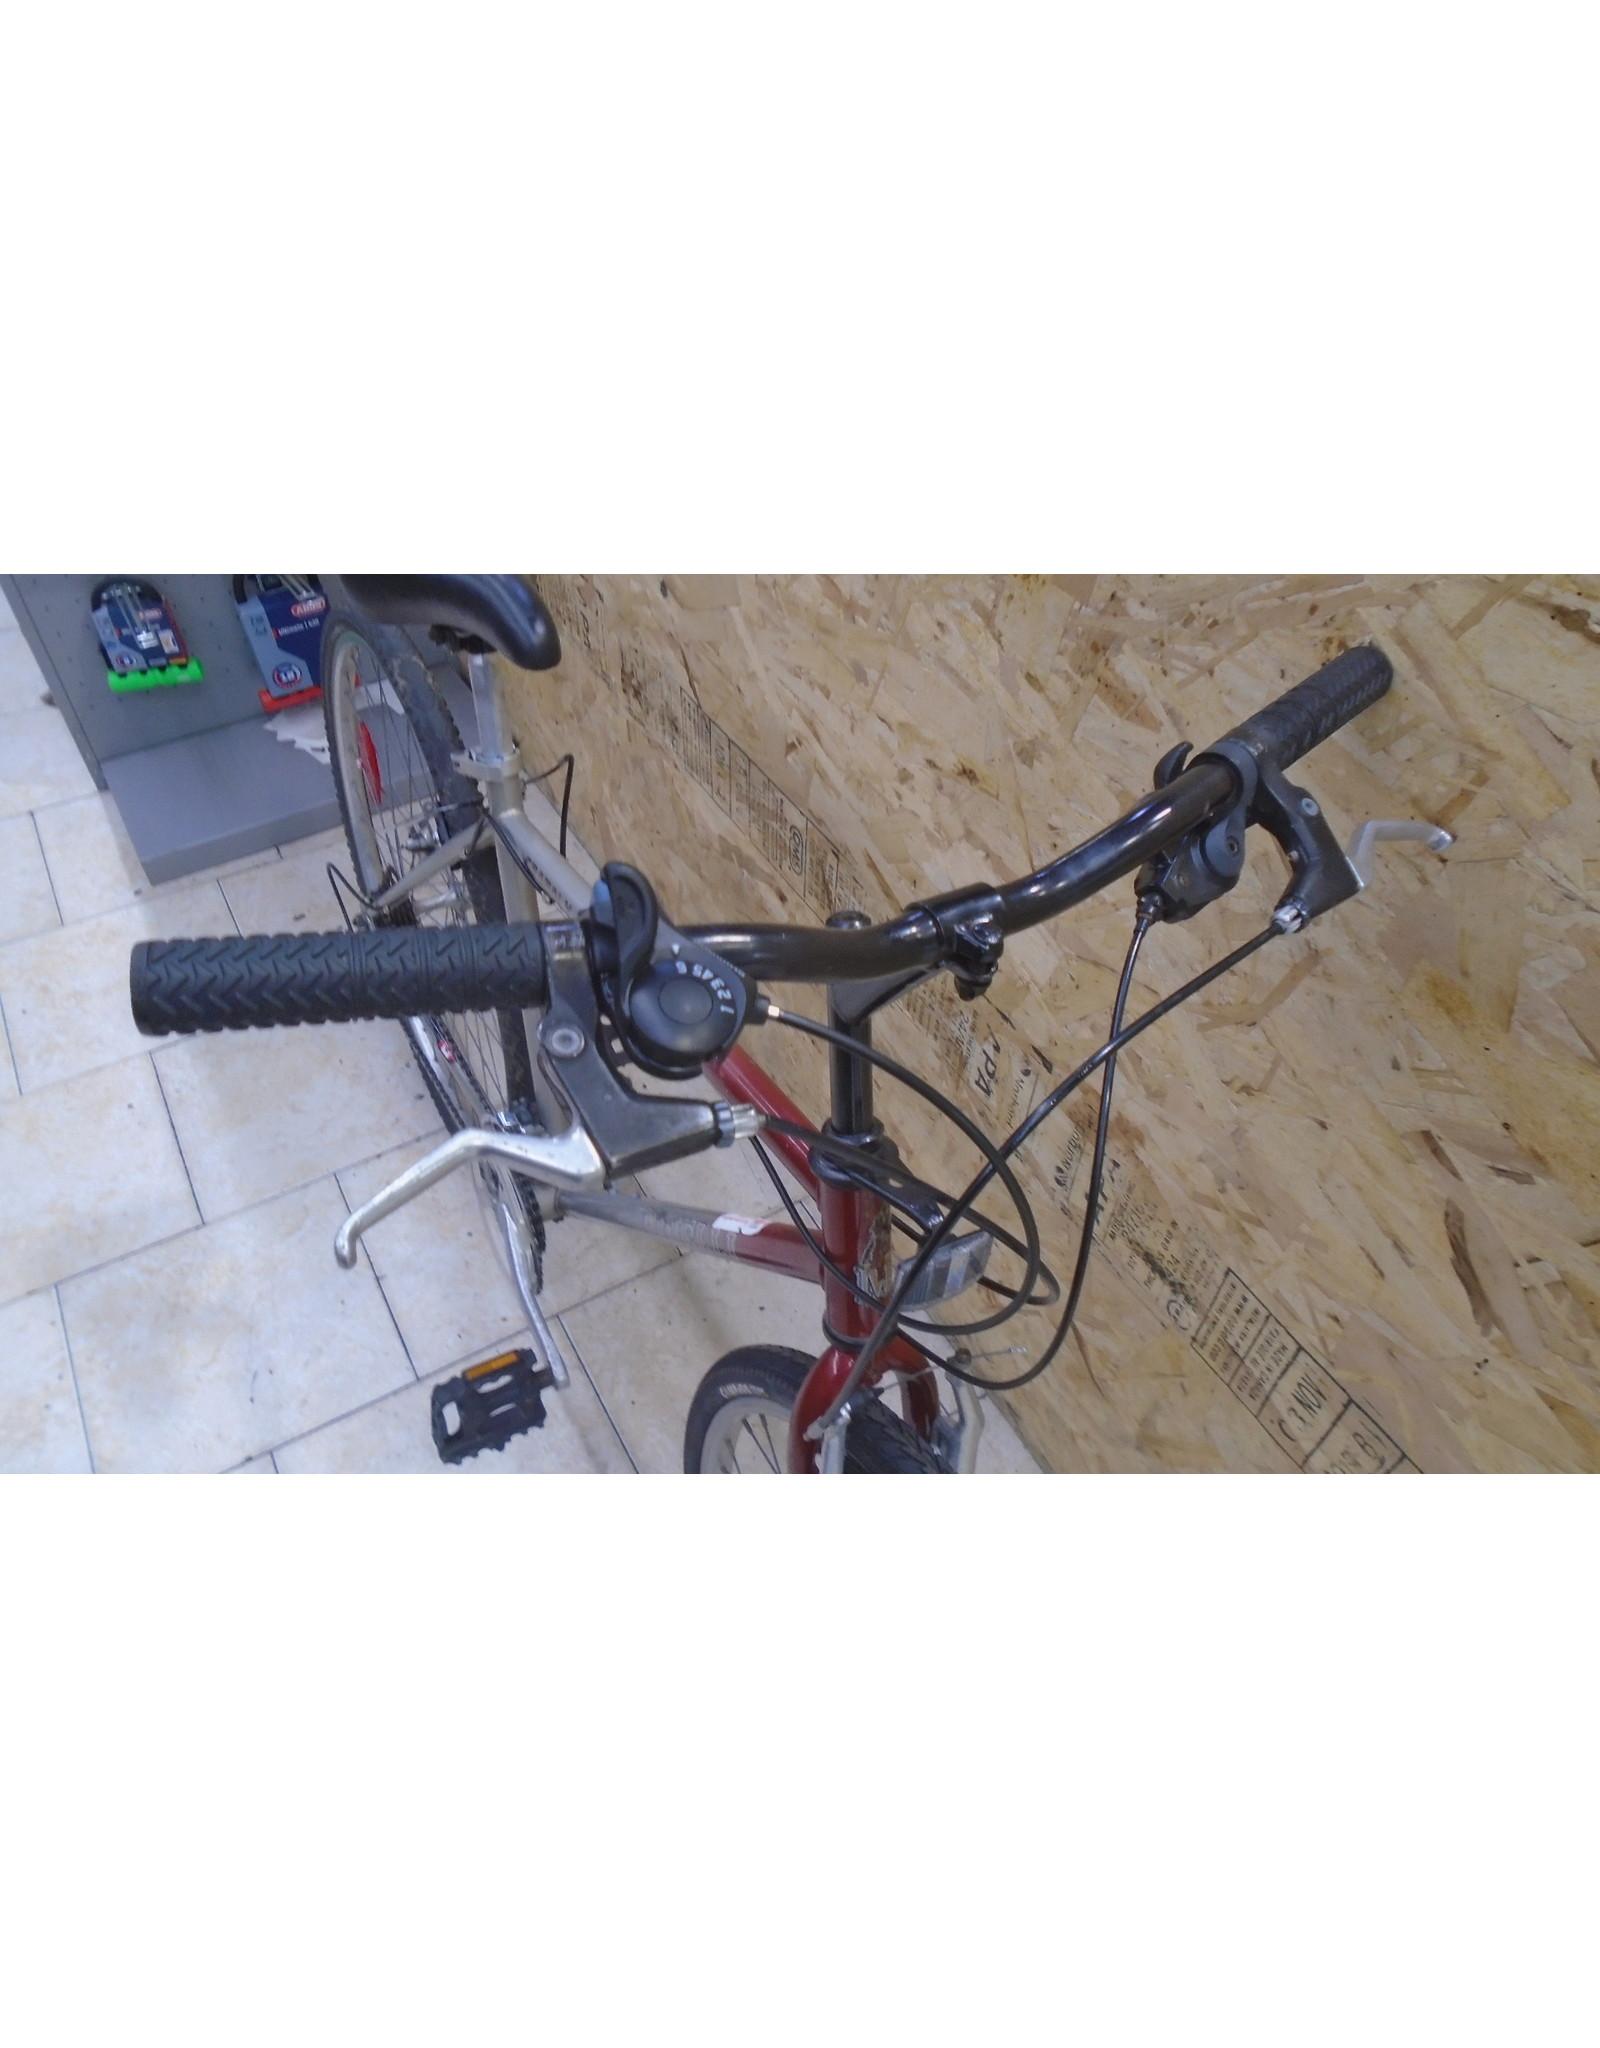 """Used Minelli 18 """"hybrid bike - 10163"""